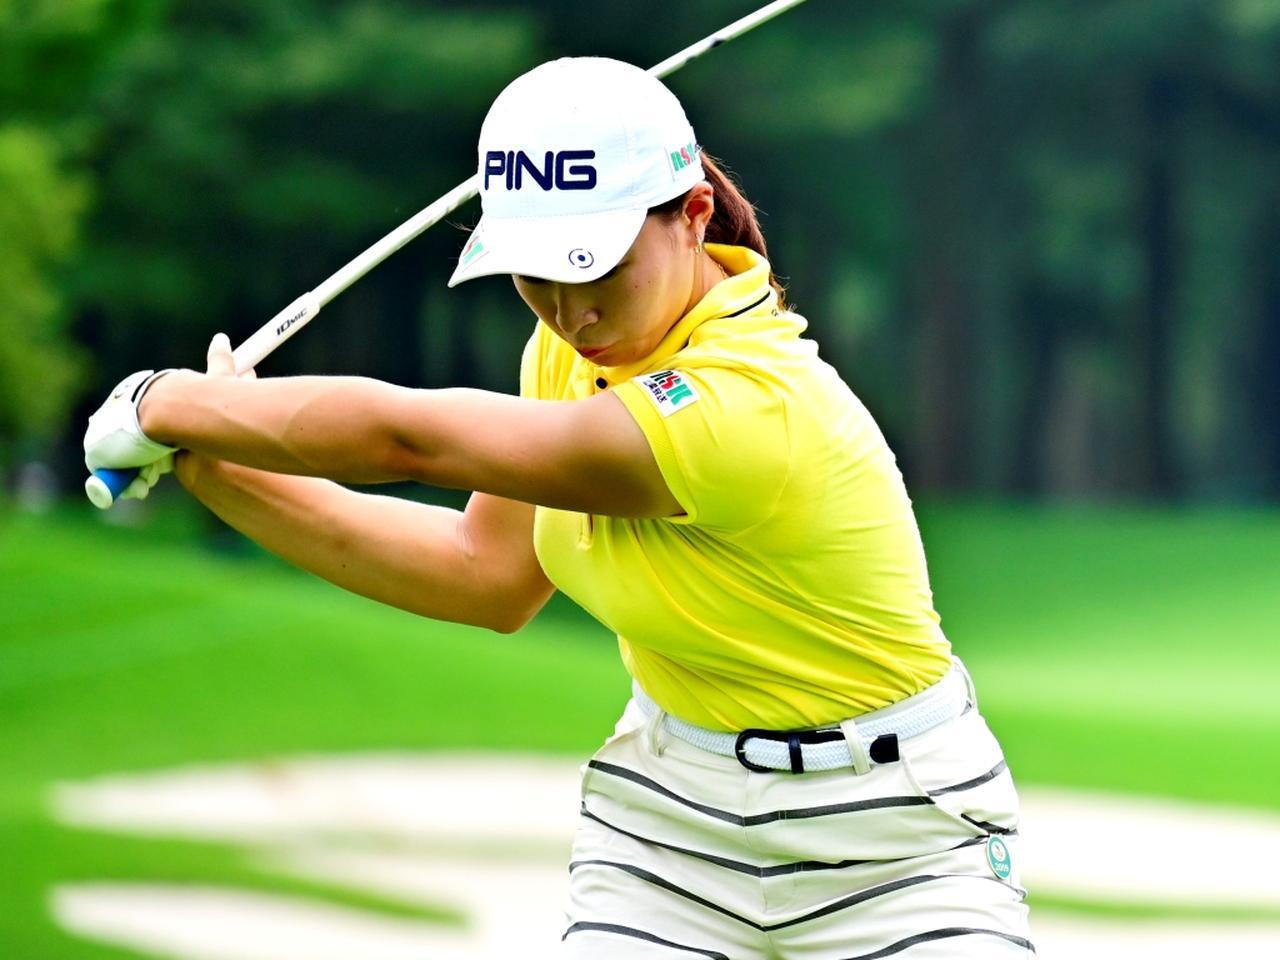 画像: 【渋野日向子】振ったほうが曲がらないを証明した、迷いなく「振るスウィング!」 - ゴルフへ行こうWEB by ゴルフダイジェスト